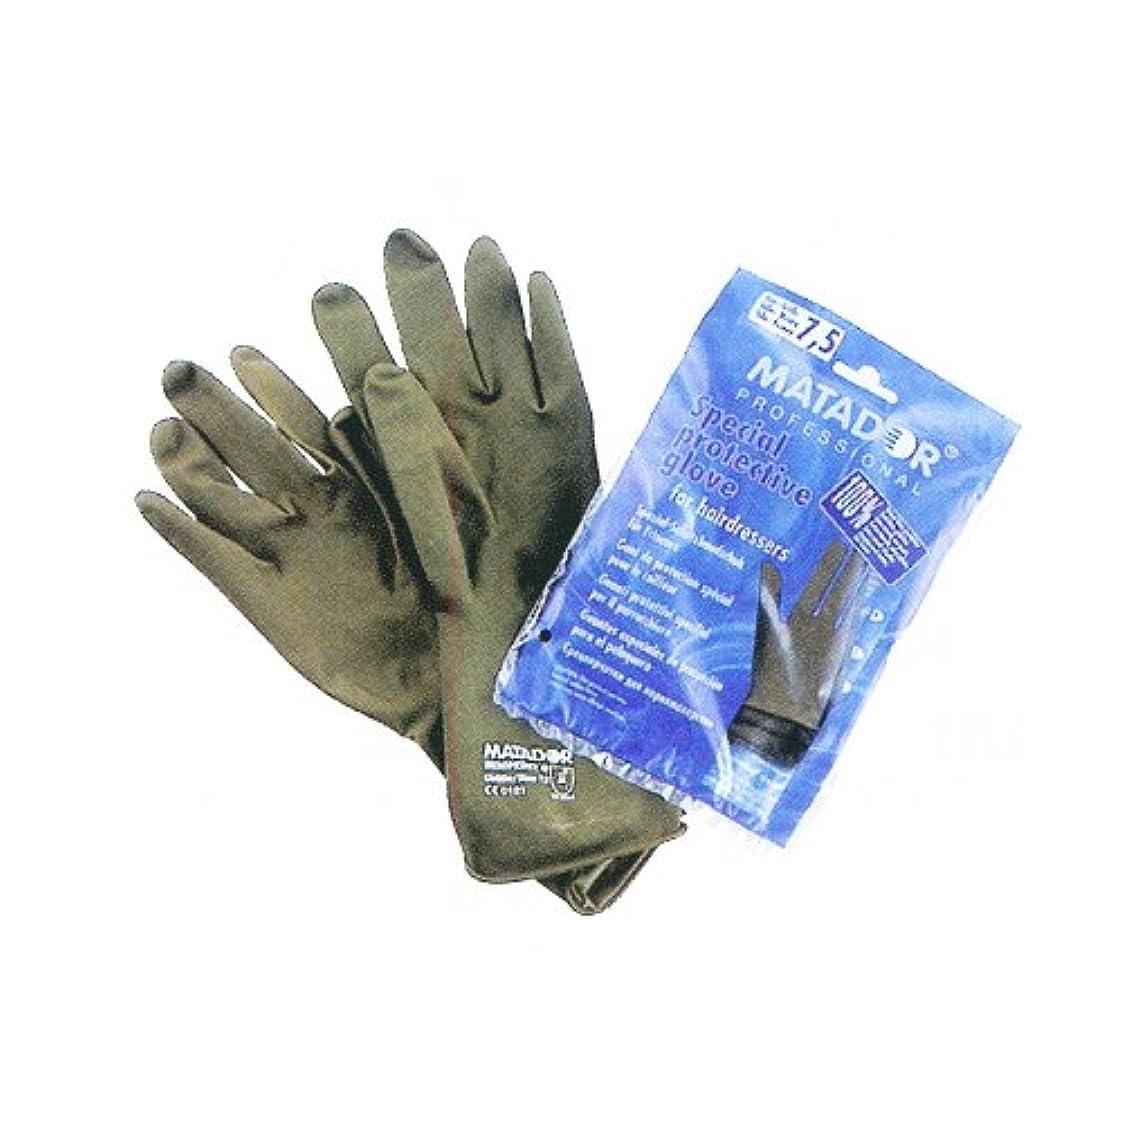 消すジム自宅でマタドールゴム手袋 7.0吋